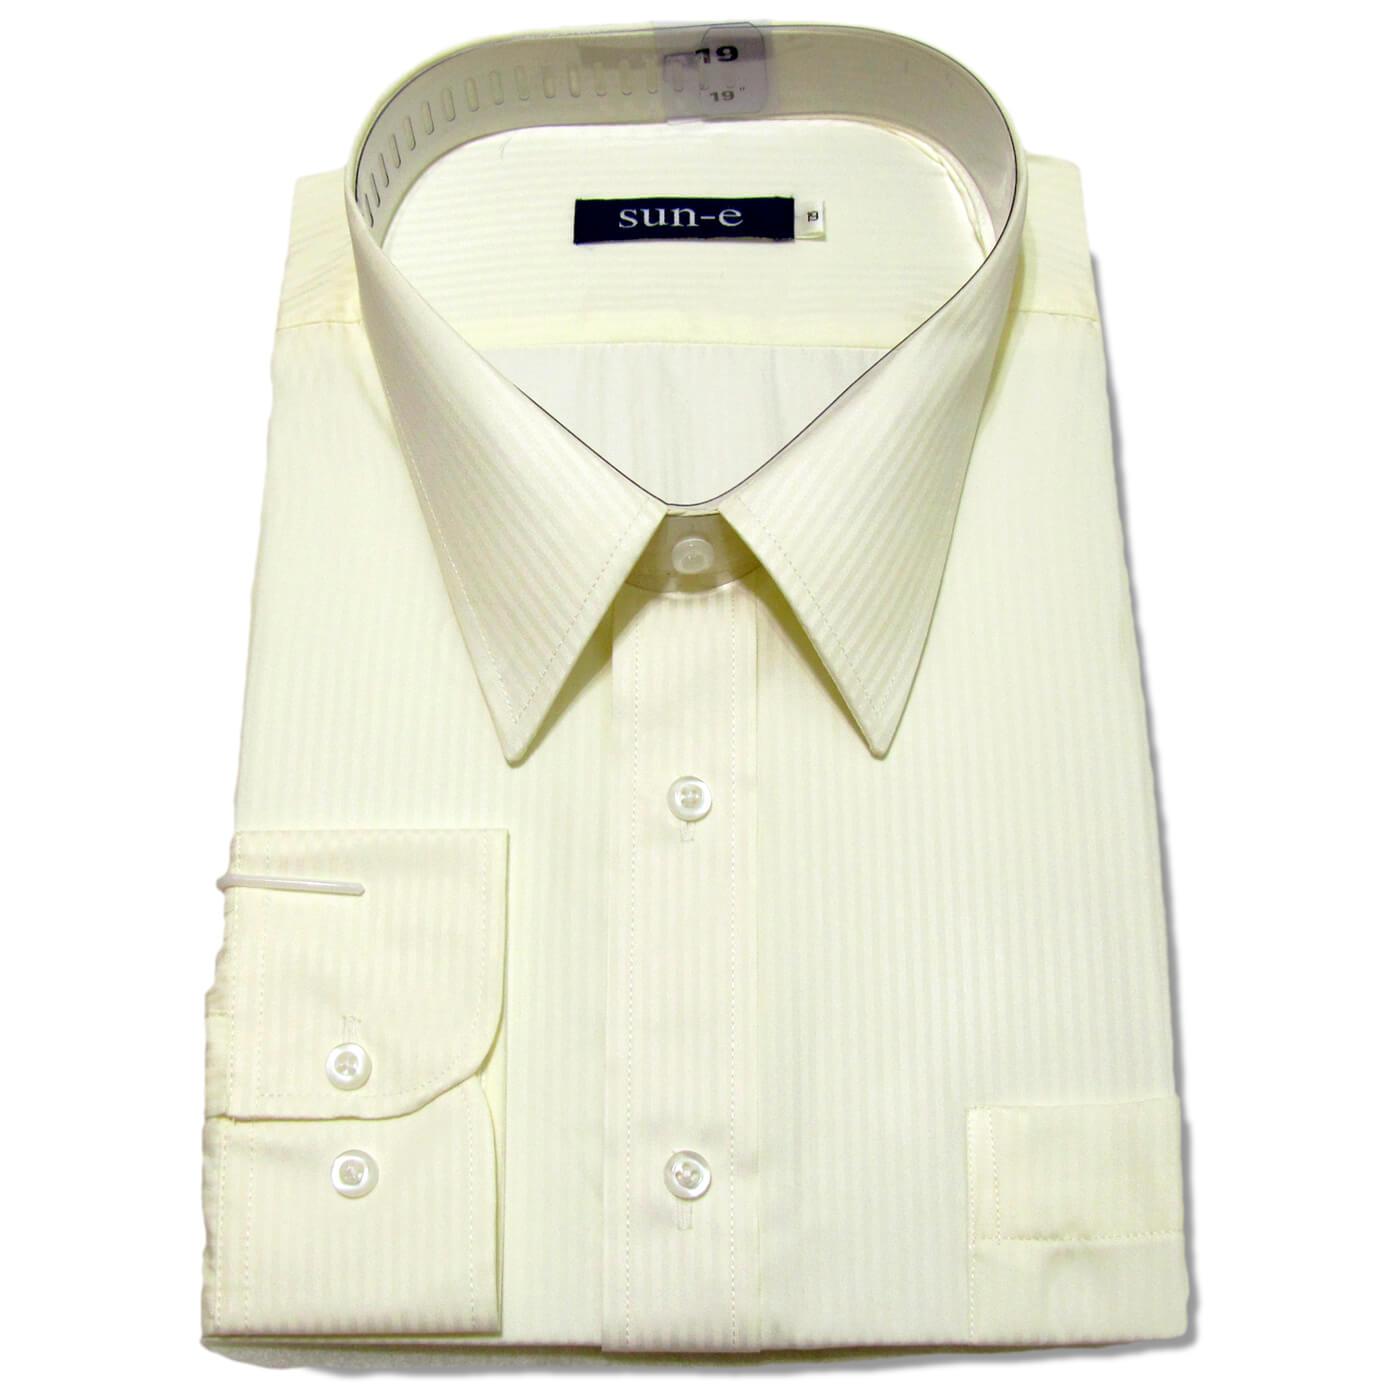 長袖條紋襯衫 標準襯衫 上班族襯衫 正式場合襯衫 商務襯衫 面試襯衫 柔棉舒適不皺免燙長袖襯衫 一般及加大尺碼襯衫 五種顏色可供選擇(335-701-01)白色襯衫、(335-703-09)淺藍色襯衫、(335-707-22)灰色襯衫、(335-710-14)淺黃色襯衫、(335-711-21)黑色襯衫 [實體店面保障] sun-e 4